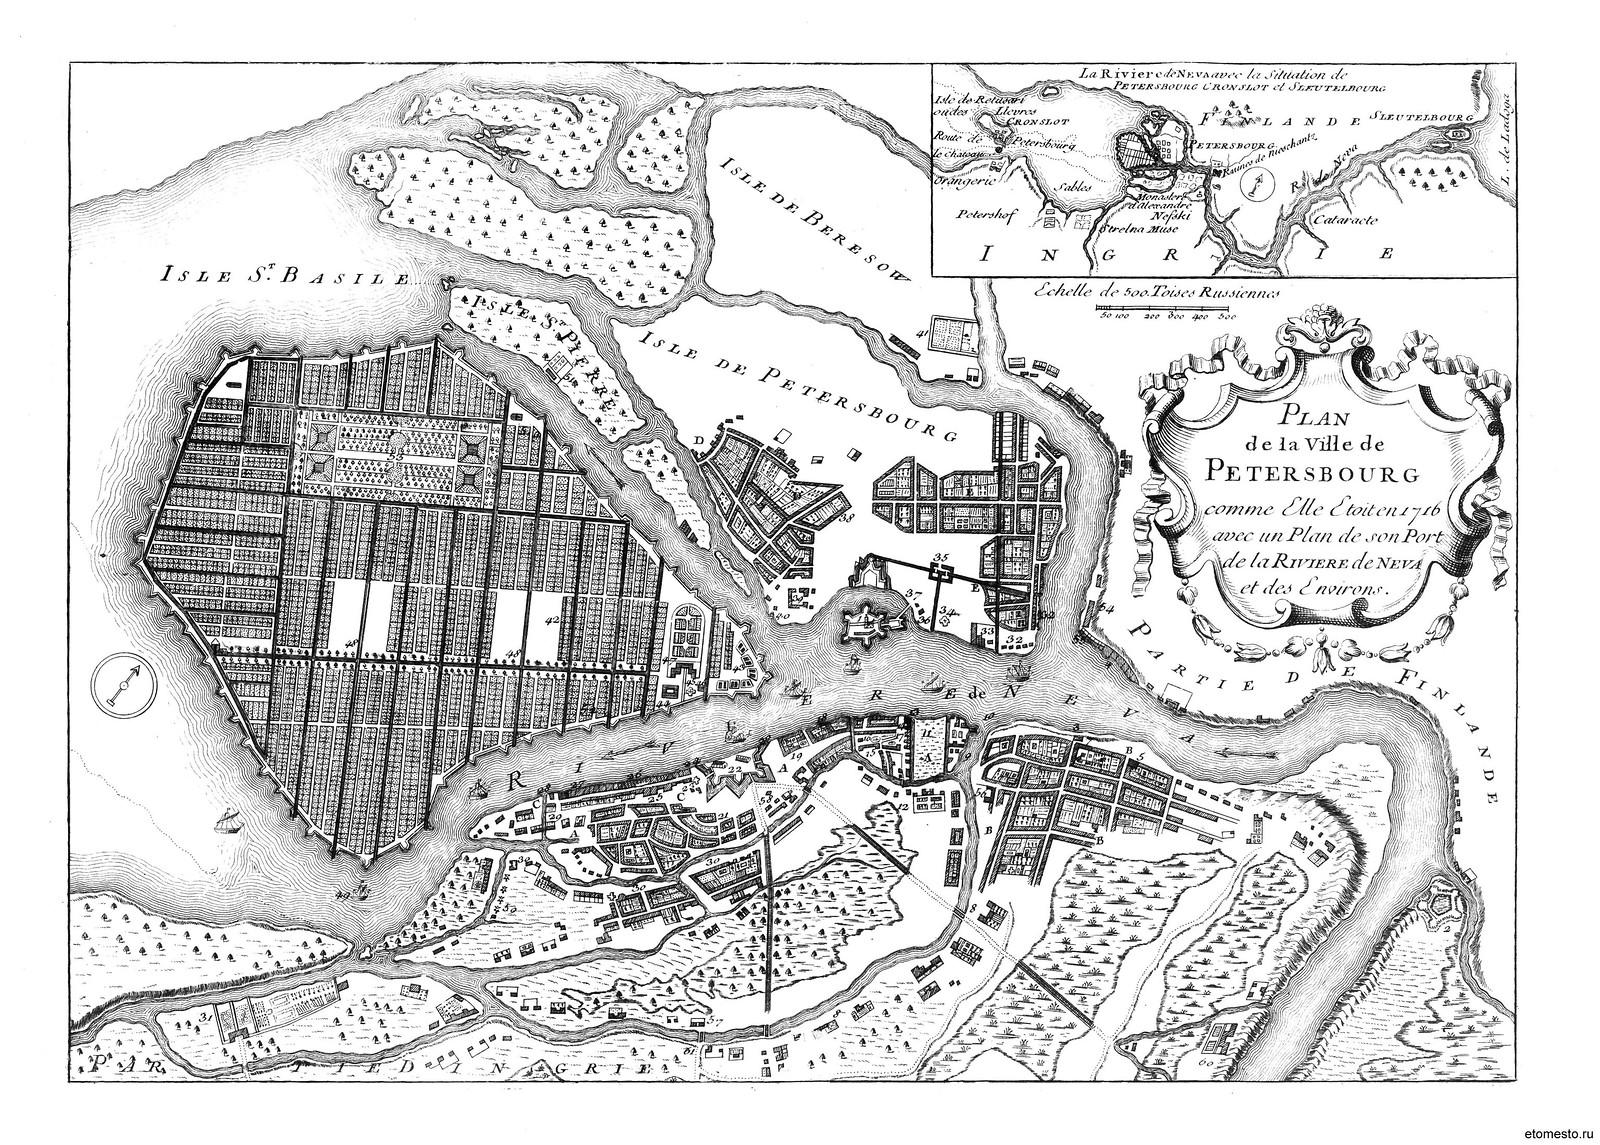 1716. План Петербурга на французском языке